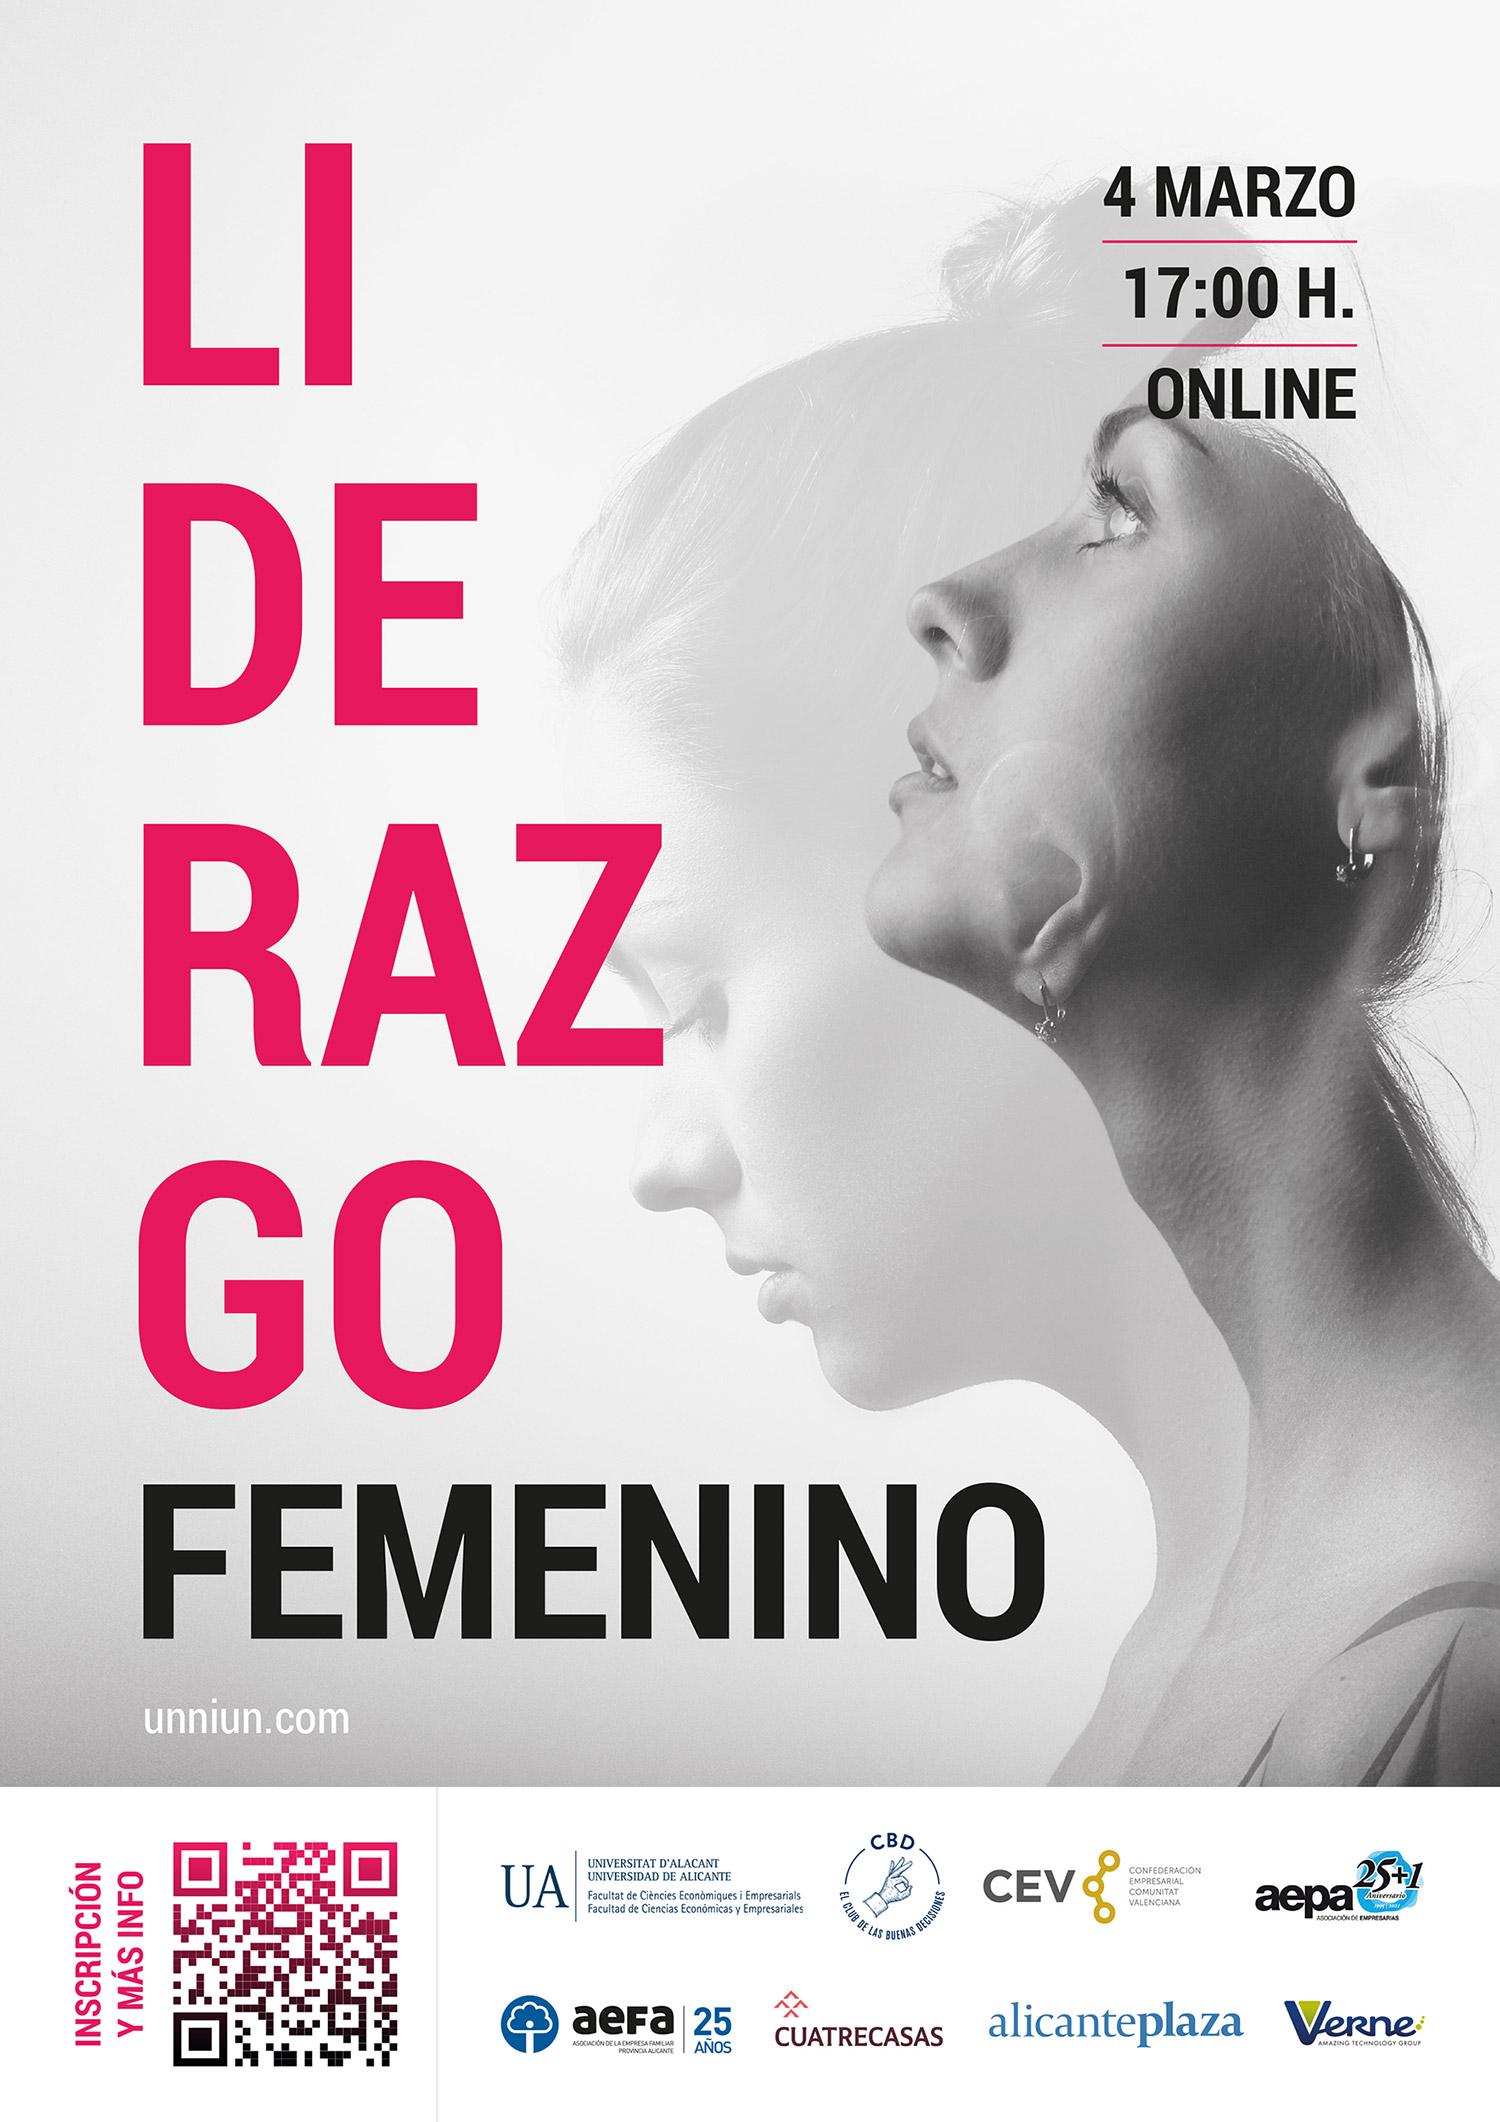 Jueves, 4 de marzo de 2021   17:00 horas   Webinar   Liderazgo Femenino   -  Grupo de Investigación Sistemas de Información y Recursos Humanos en las  OrganizacionesGrupo de Investigación Sistemas de Información y Recursos  Humanos en las Organizaciones